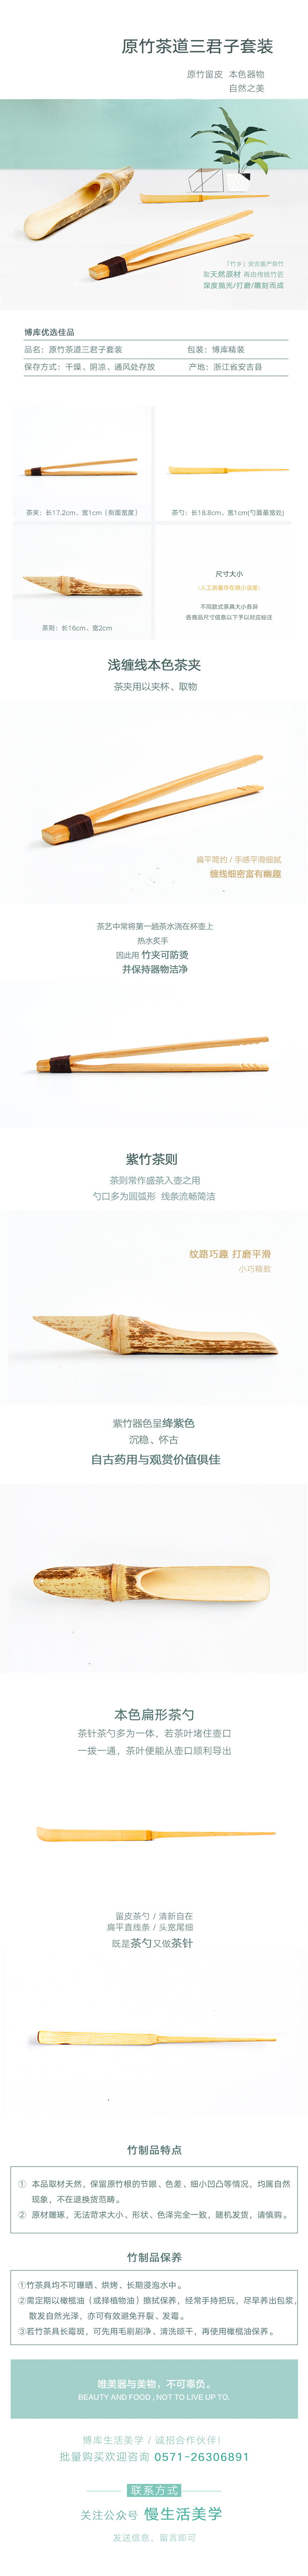 20171128原竹茶道三君子.jpg